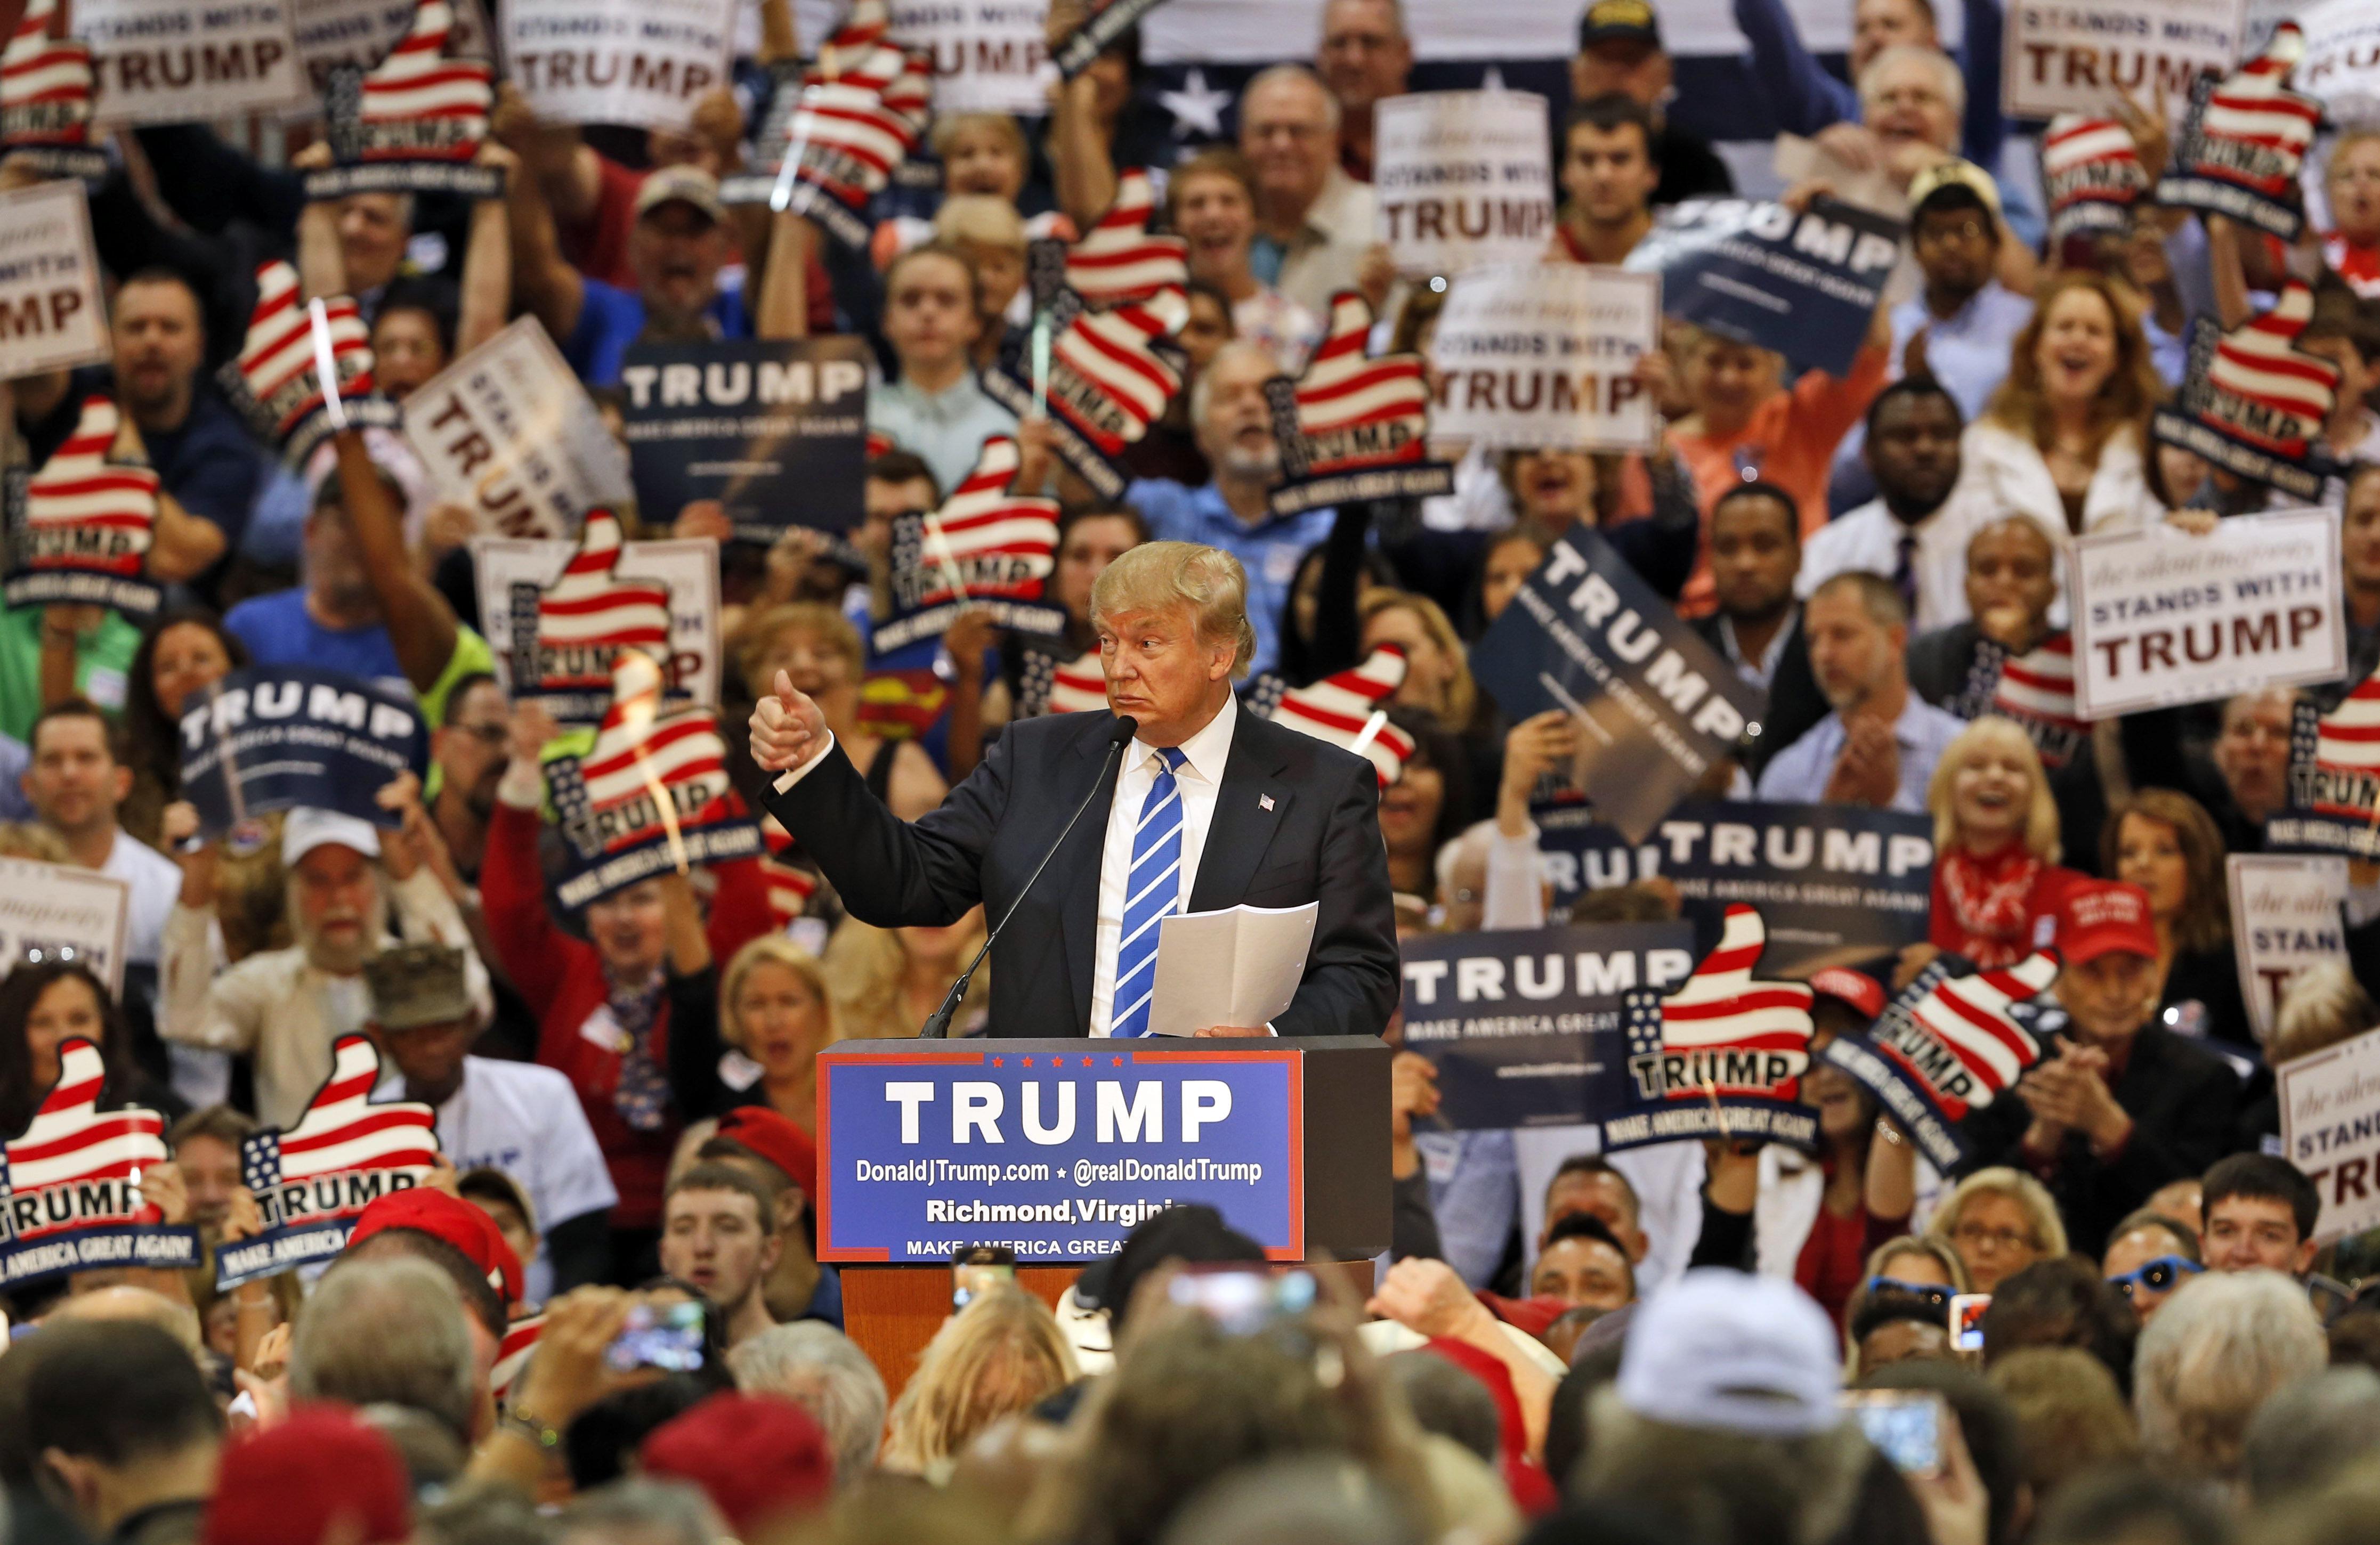 트럼프 취임 2년 : 공화당이 마주한 불확실한